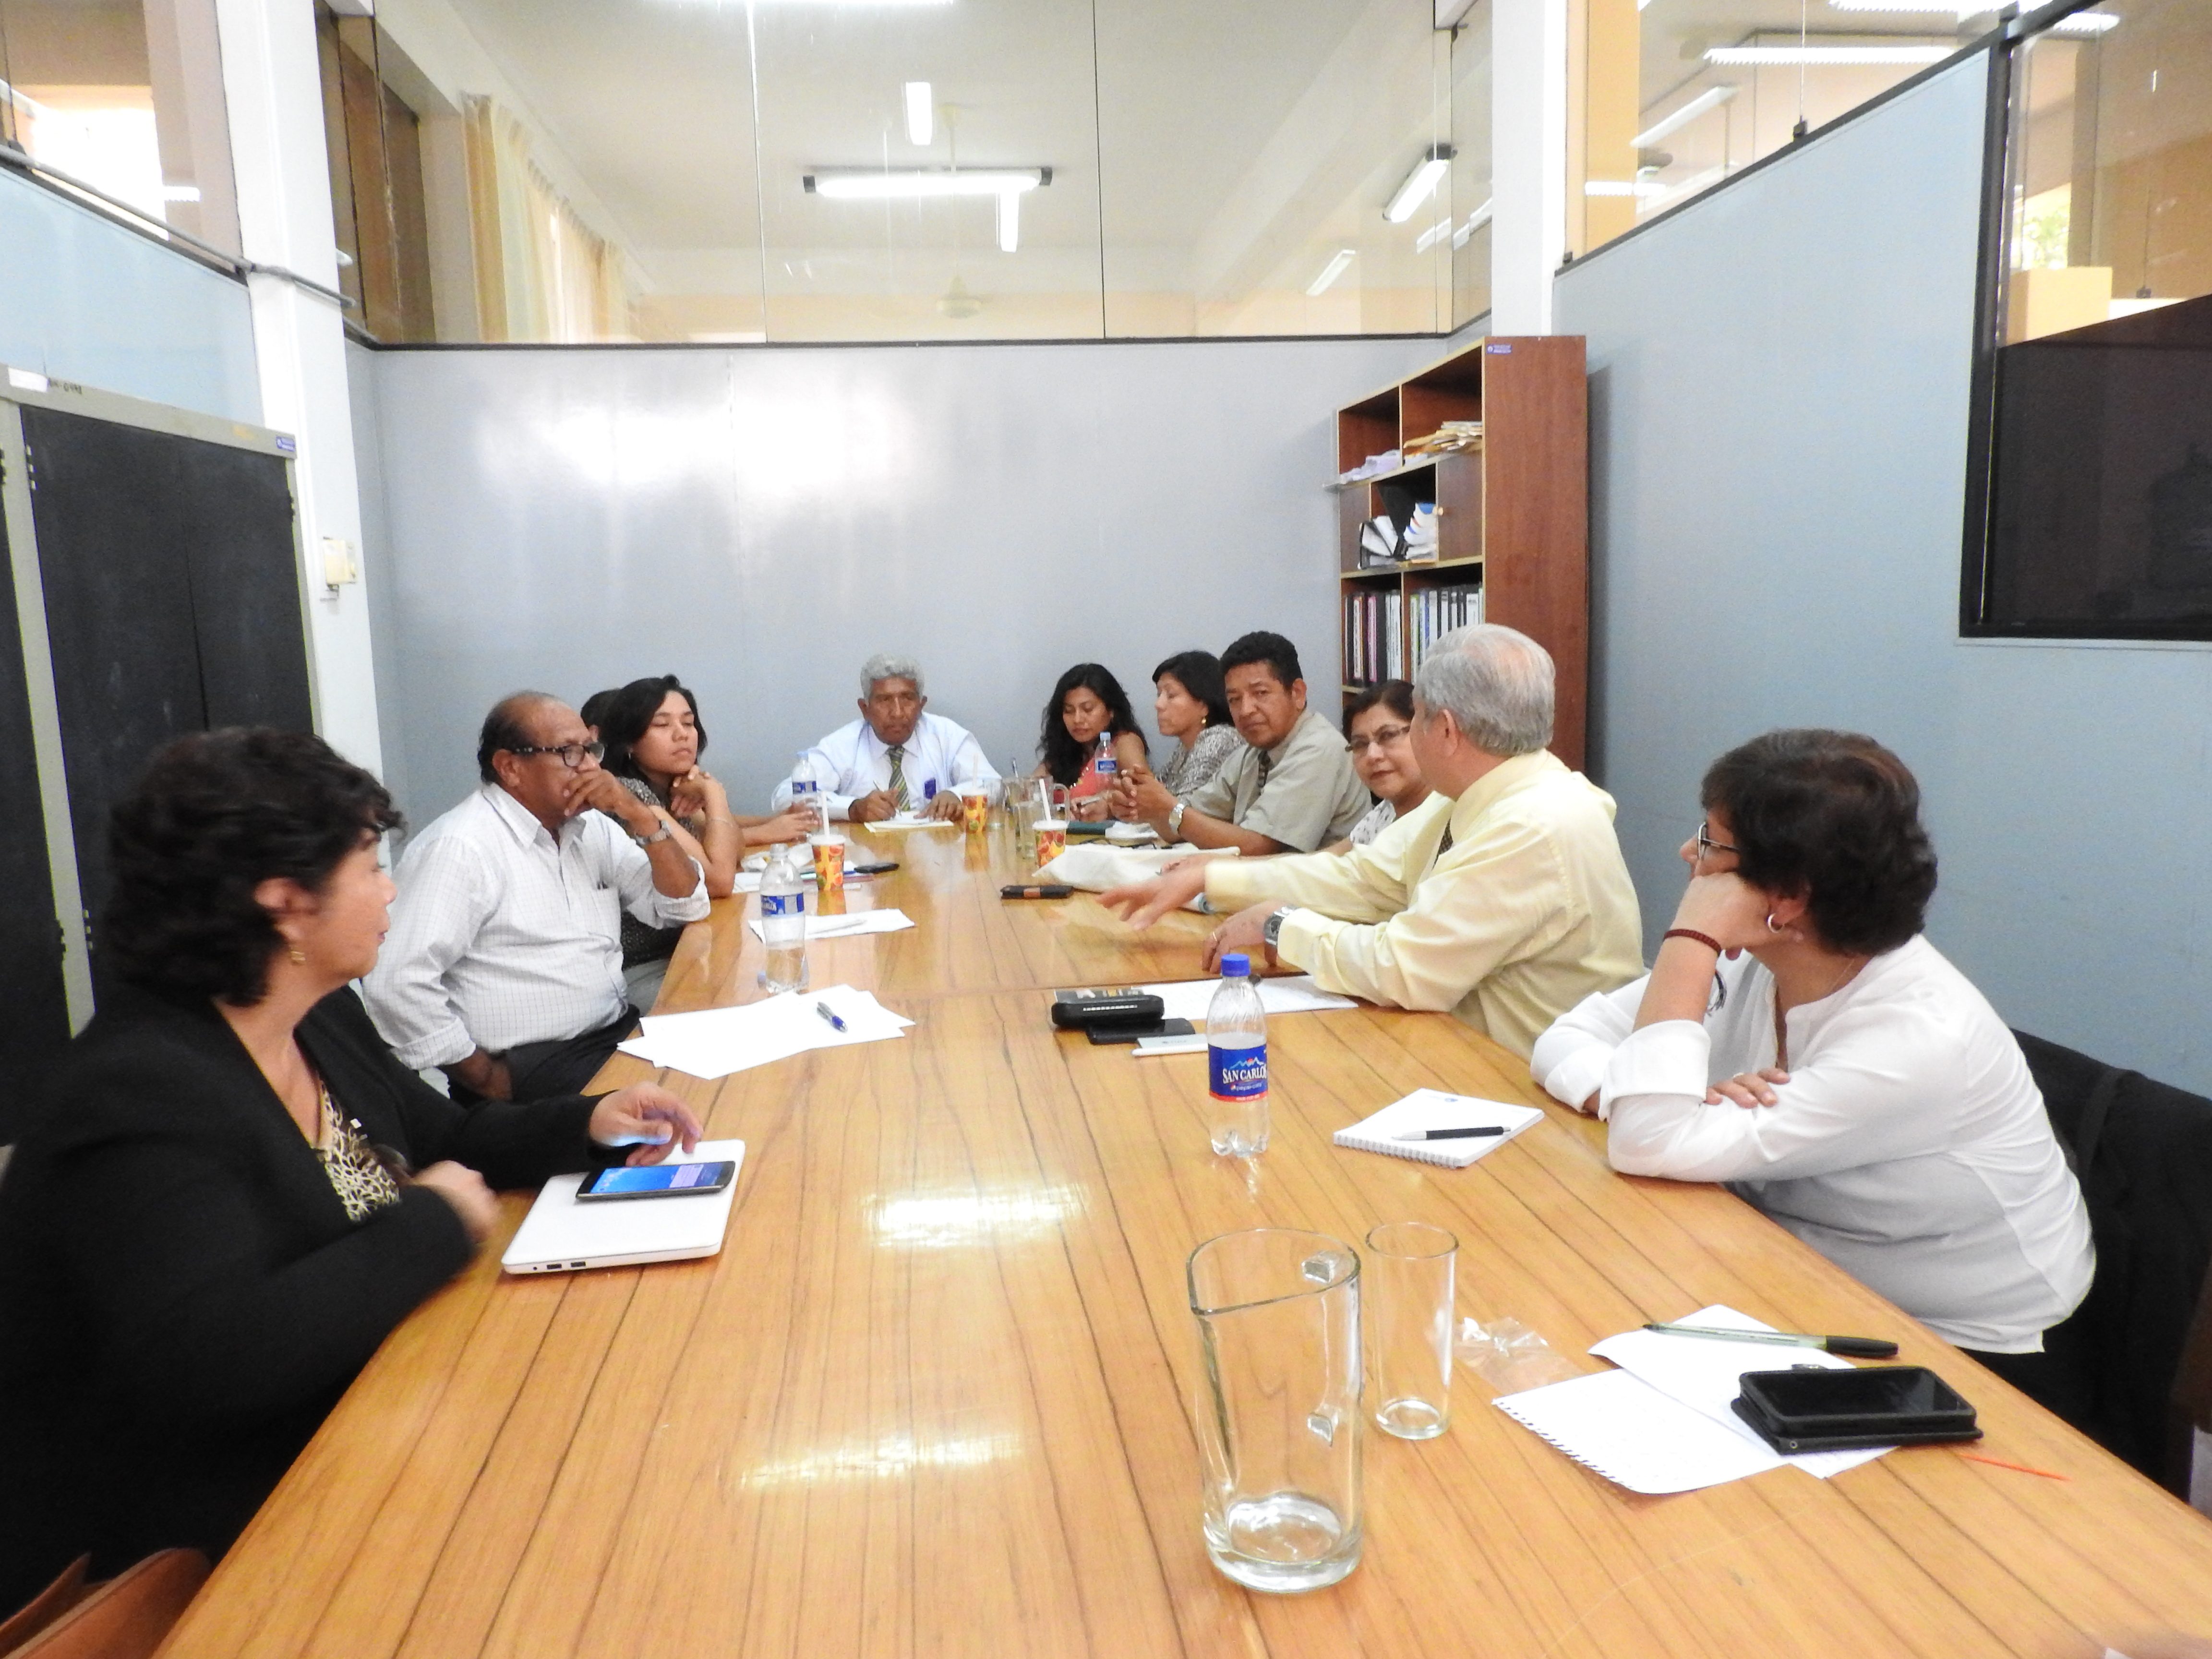 Reunión de trabajo con los participantes del Grupo Meseta Andina, el Grupo Ecológico y la Maestría en Gerencia Social